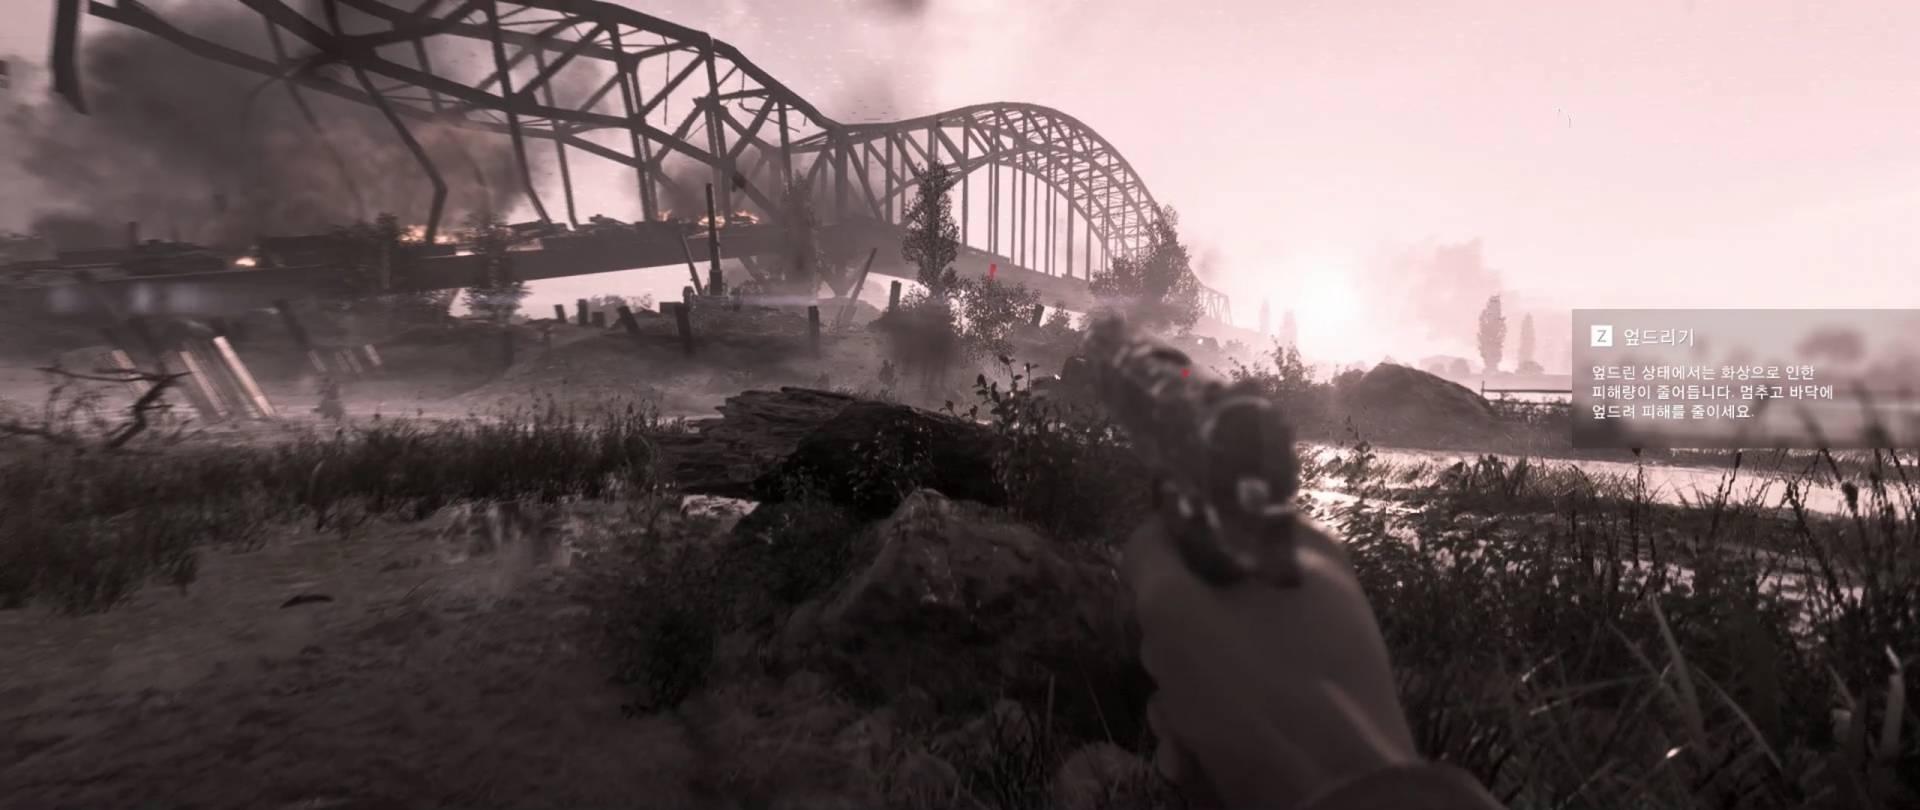 Battlefield V 2018.11.09 - 23.50.42.02.mp4_20181110_104406.815.jpg